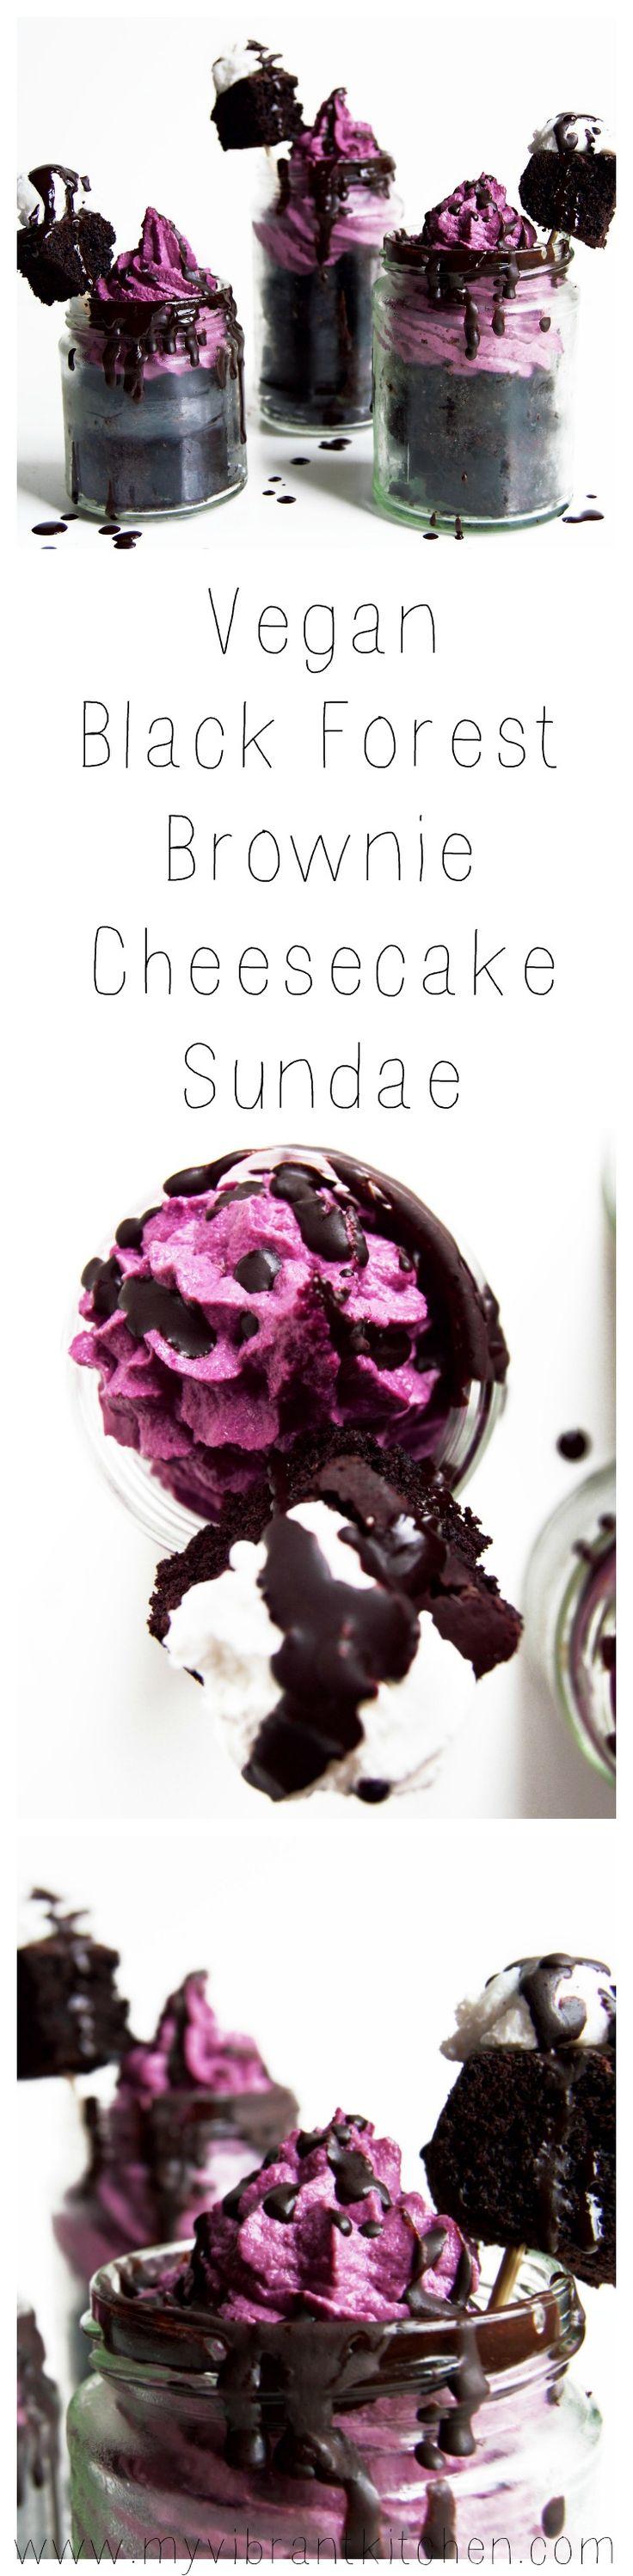 Vegan Brownie Black Forest Cheesecake Sundaes